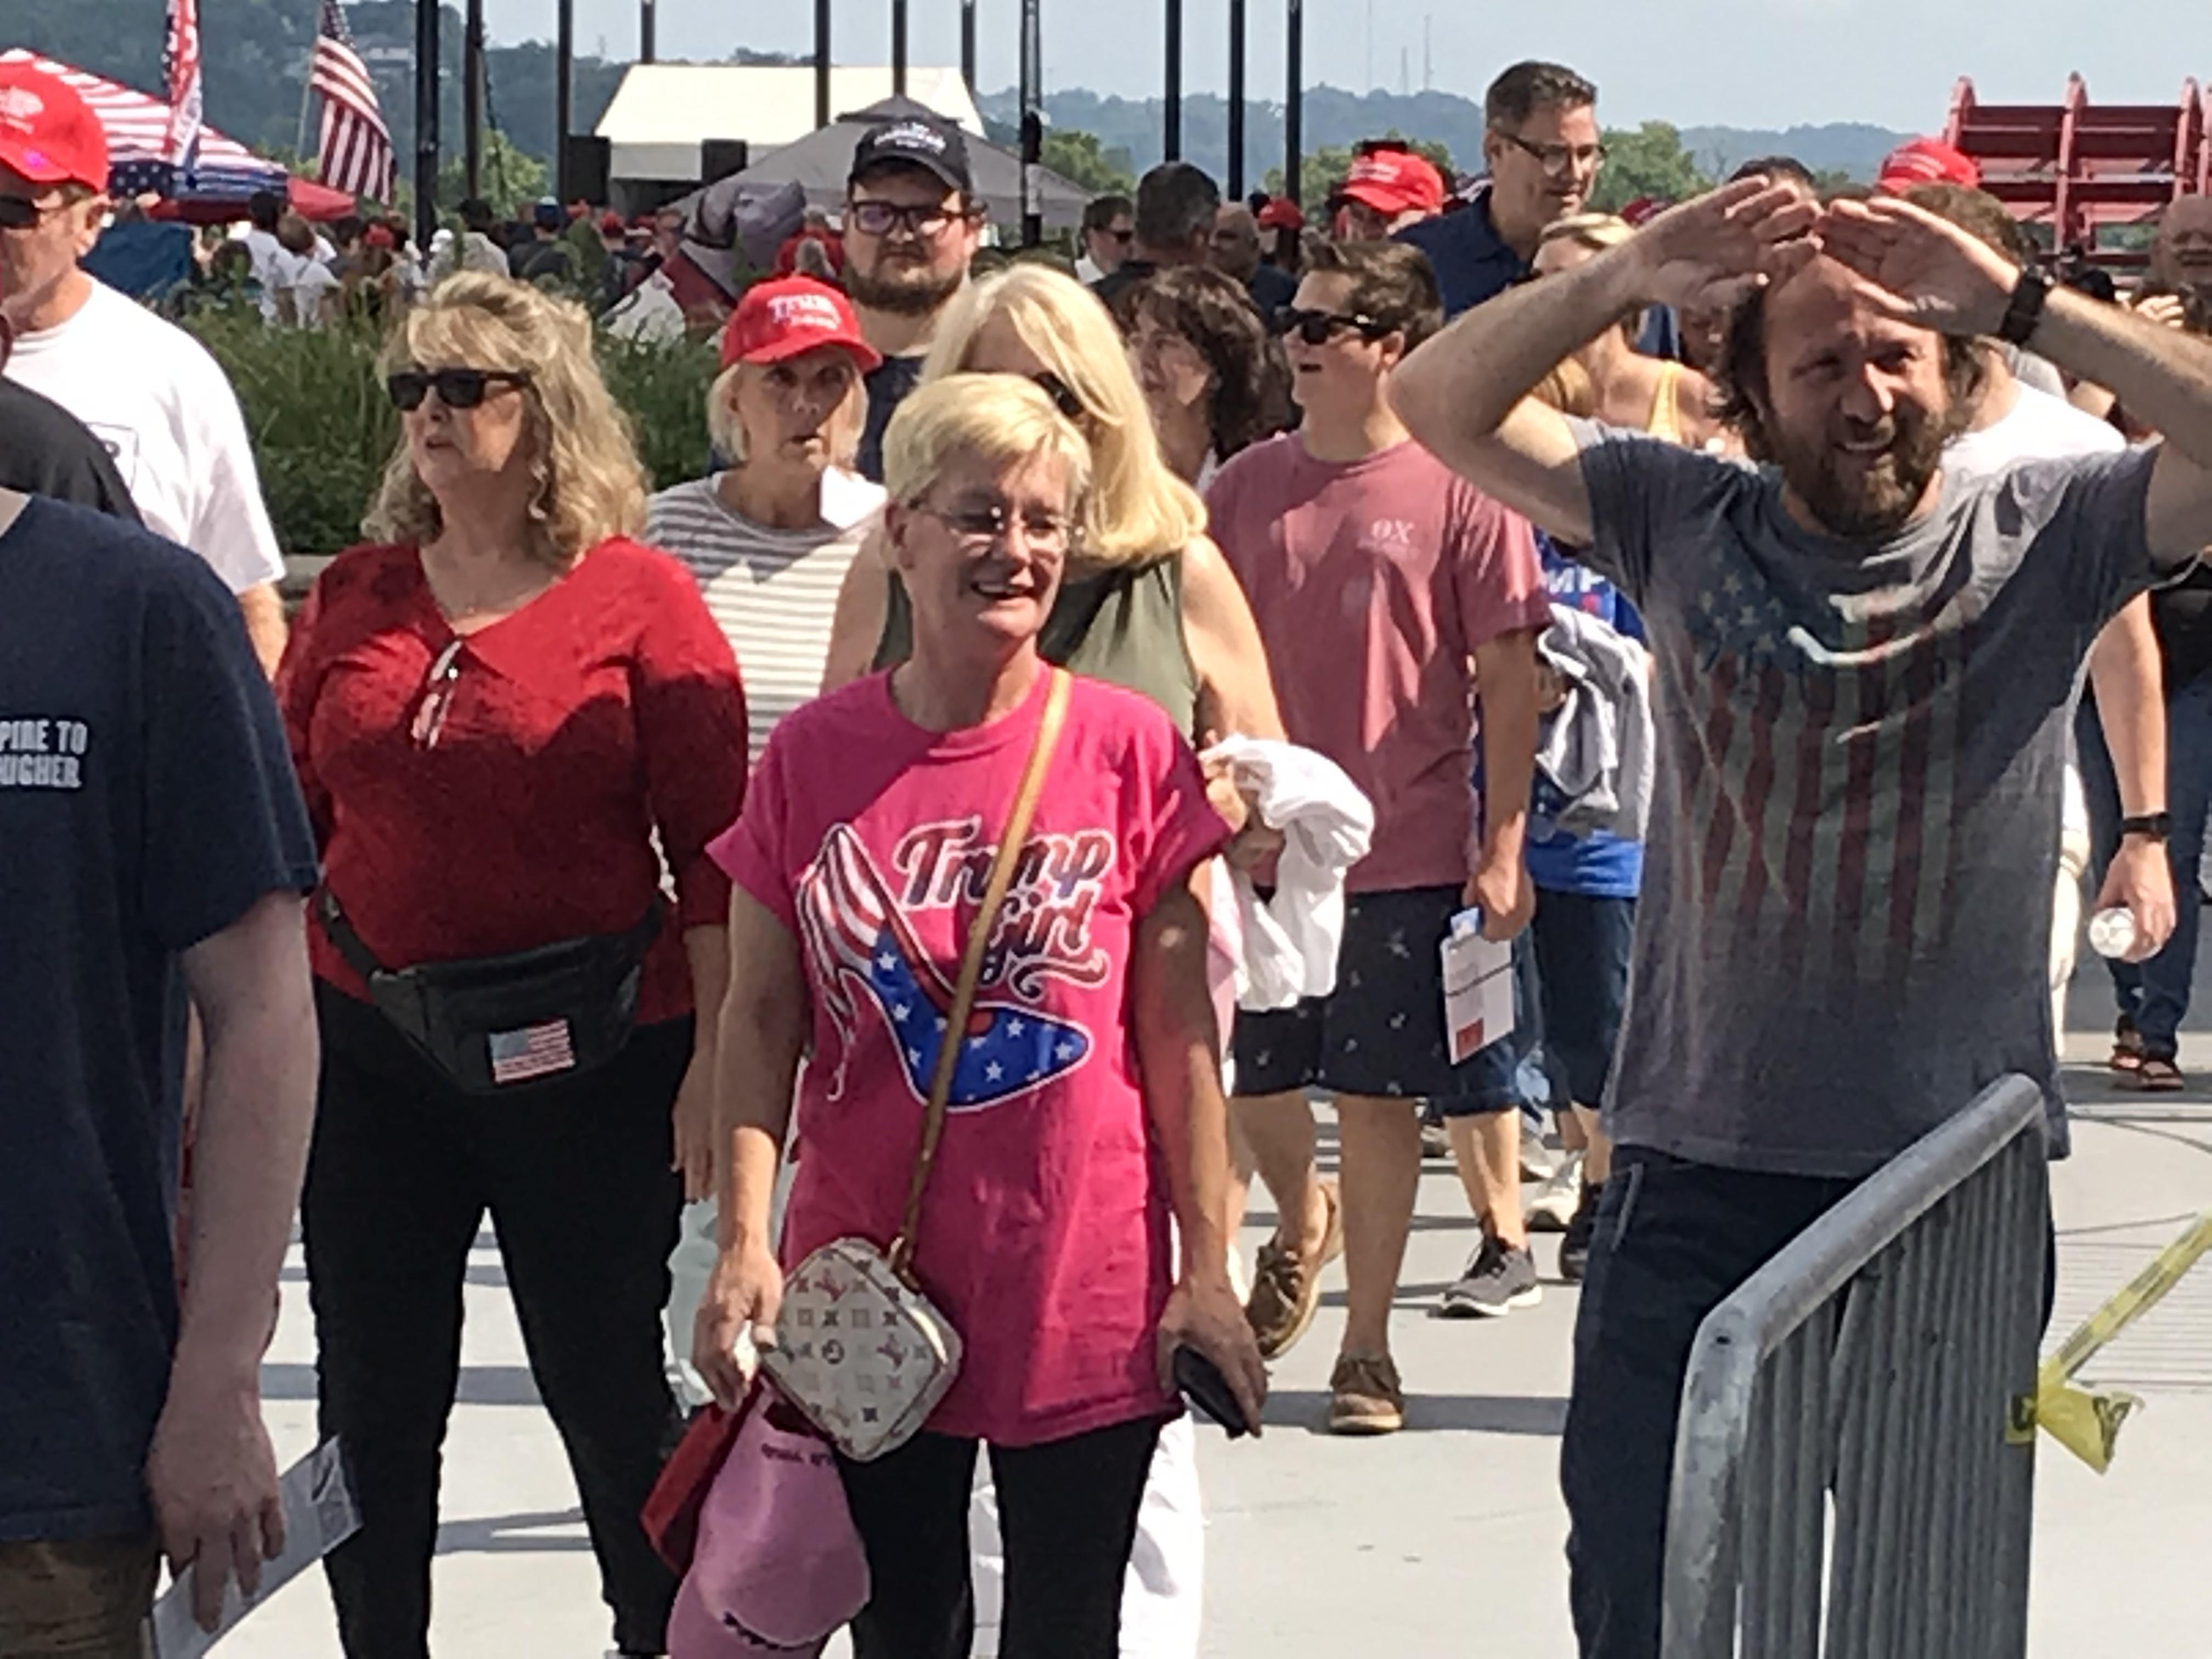 Sights at the Trump Rally 5